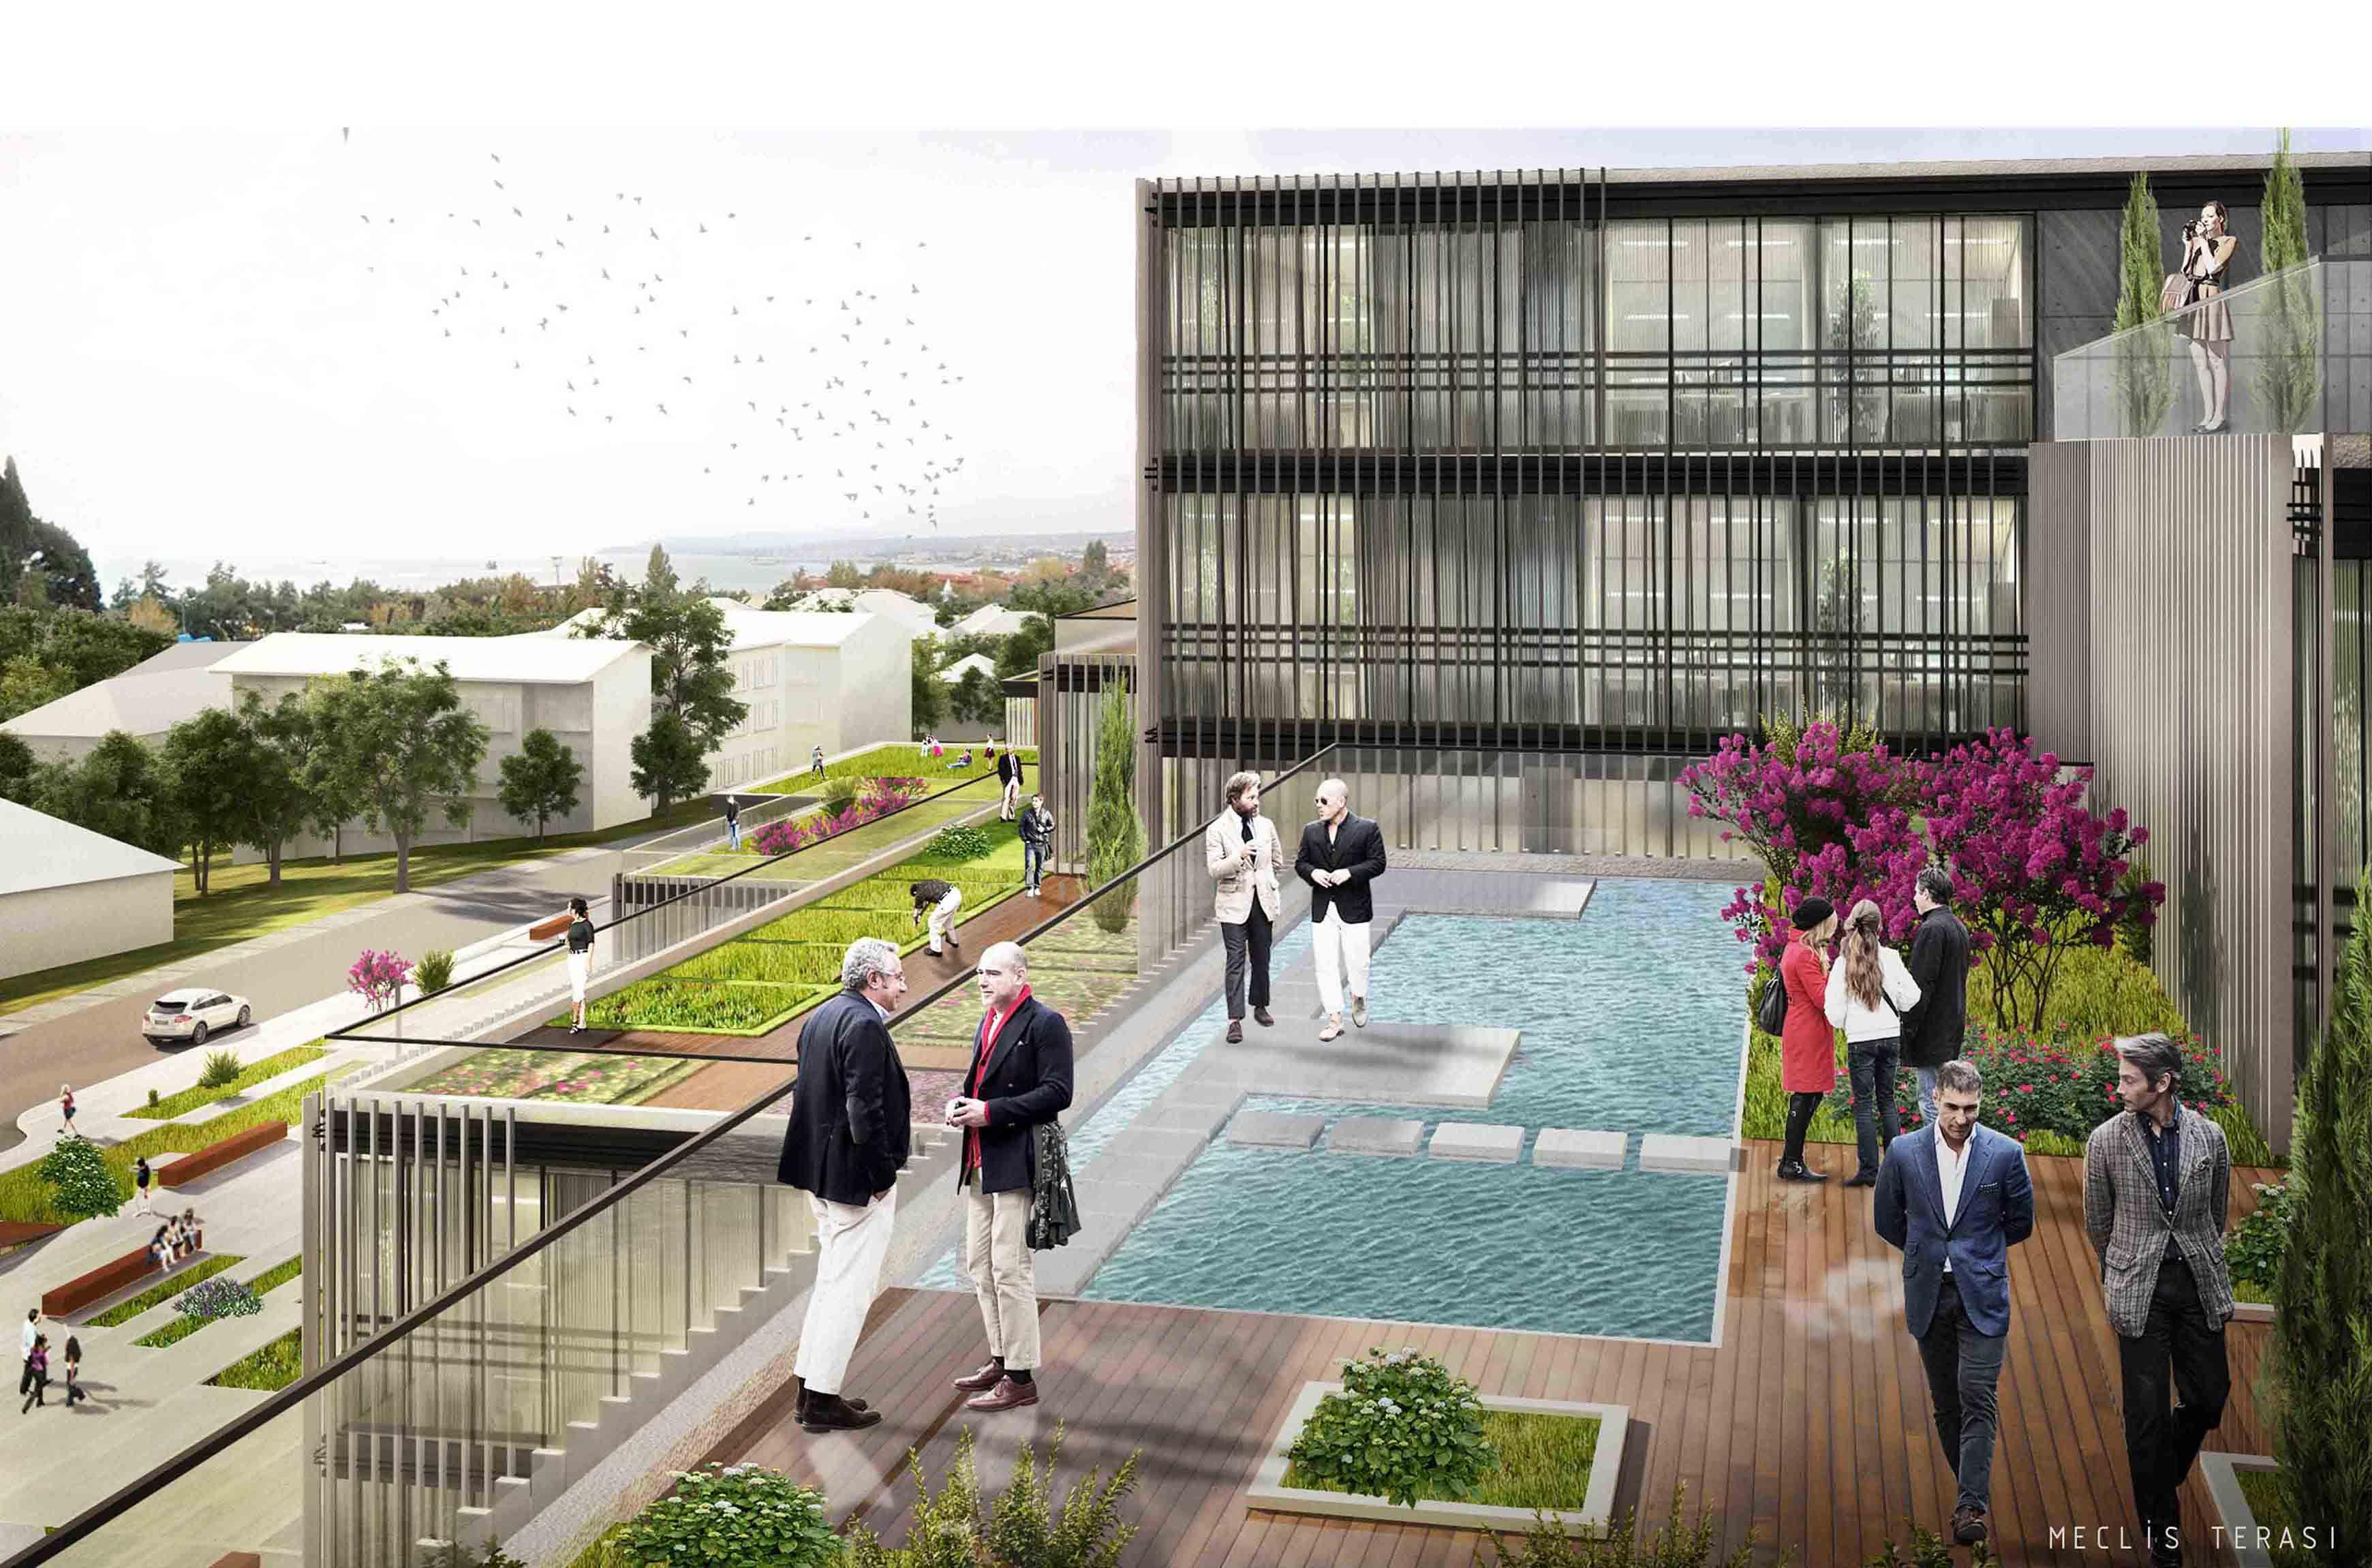 dodofis mimarlık ofisi | süleymanpaşa Belediye Hizmet Binası görsel 4 Municipality Building